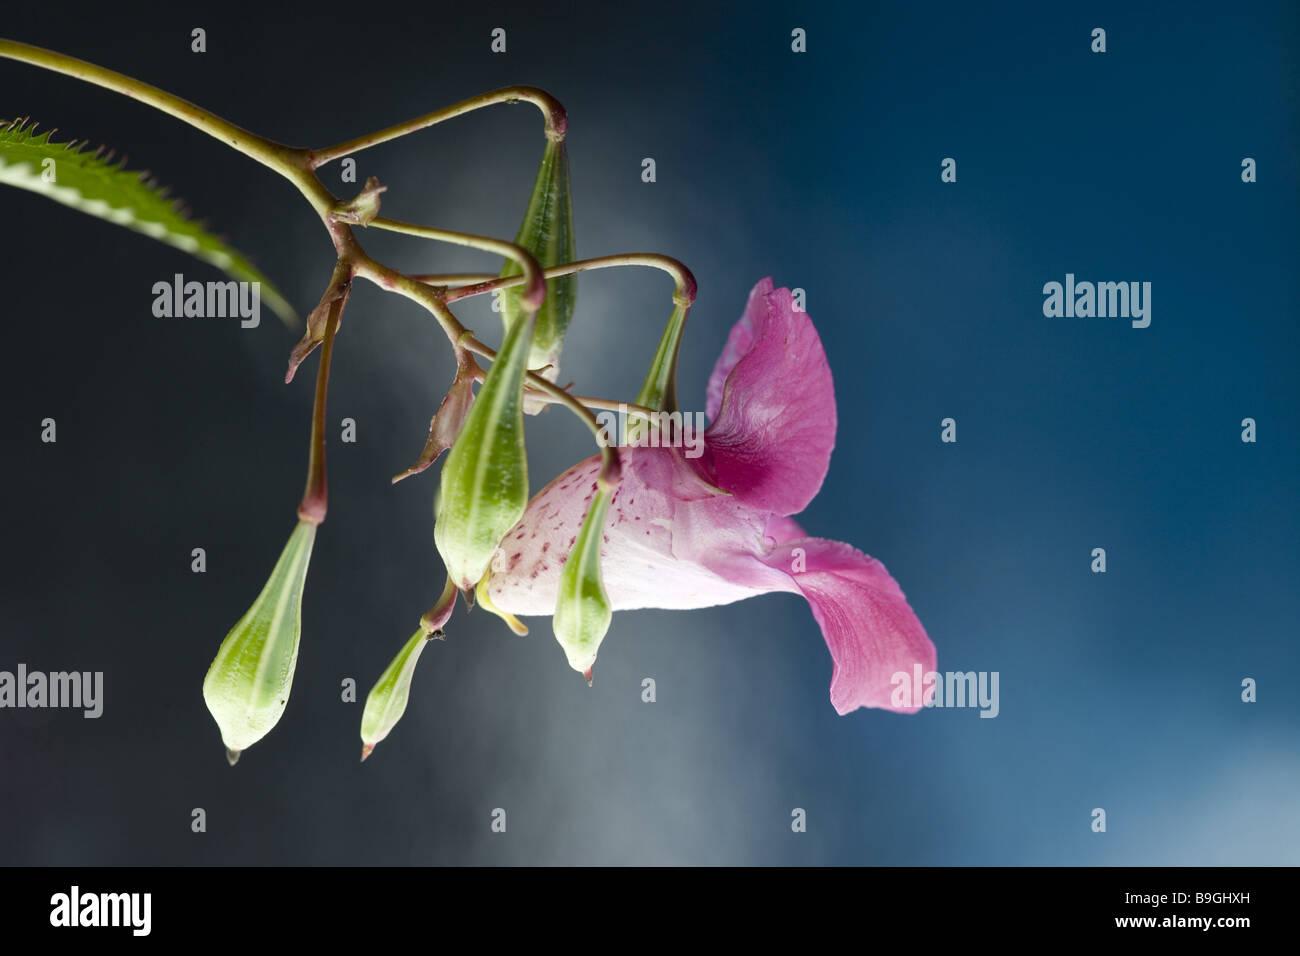 Indian touch-me-non Impatiens glandulifera dettaglio fioritura di capsule di semi emscherorchidee' giardino-piante alternativa Foto Stock